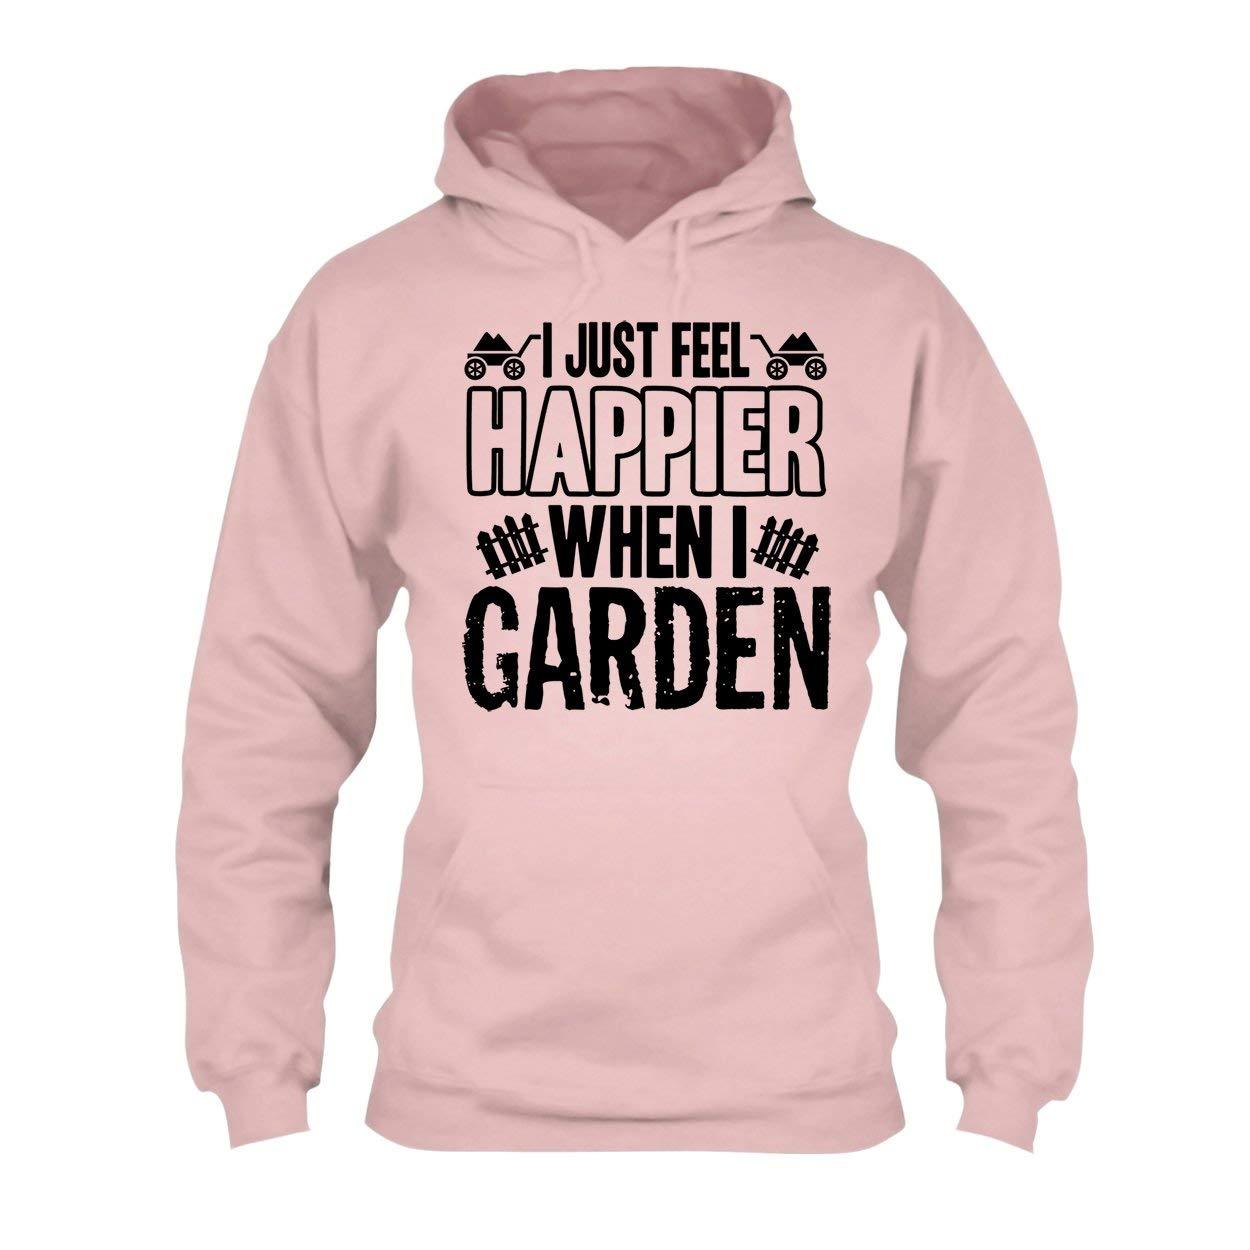 Hoodie Happy When I Garden Tee Shirt Sweatshirt